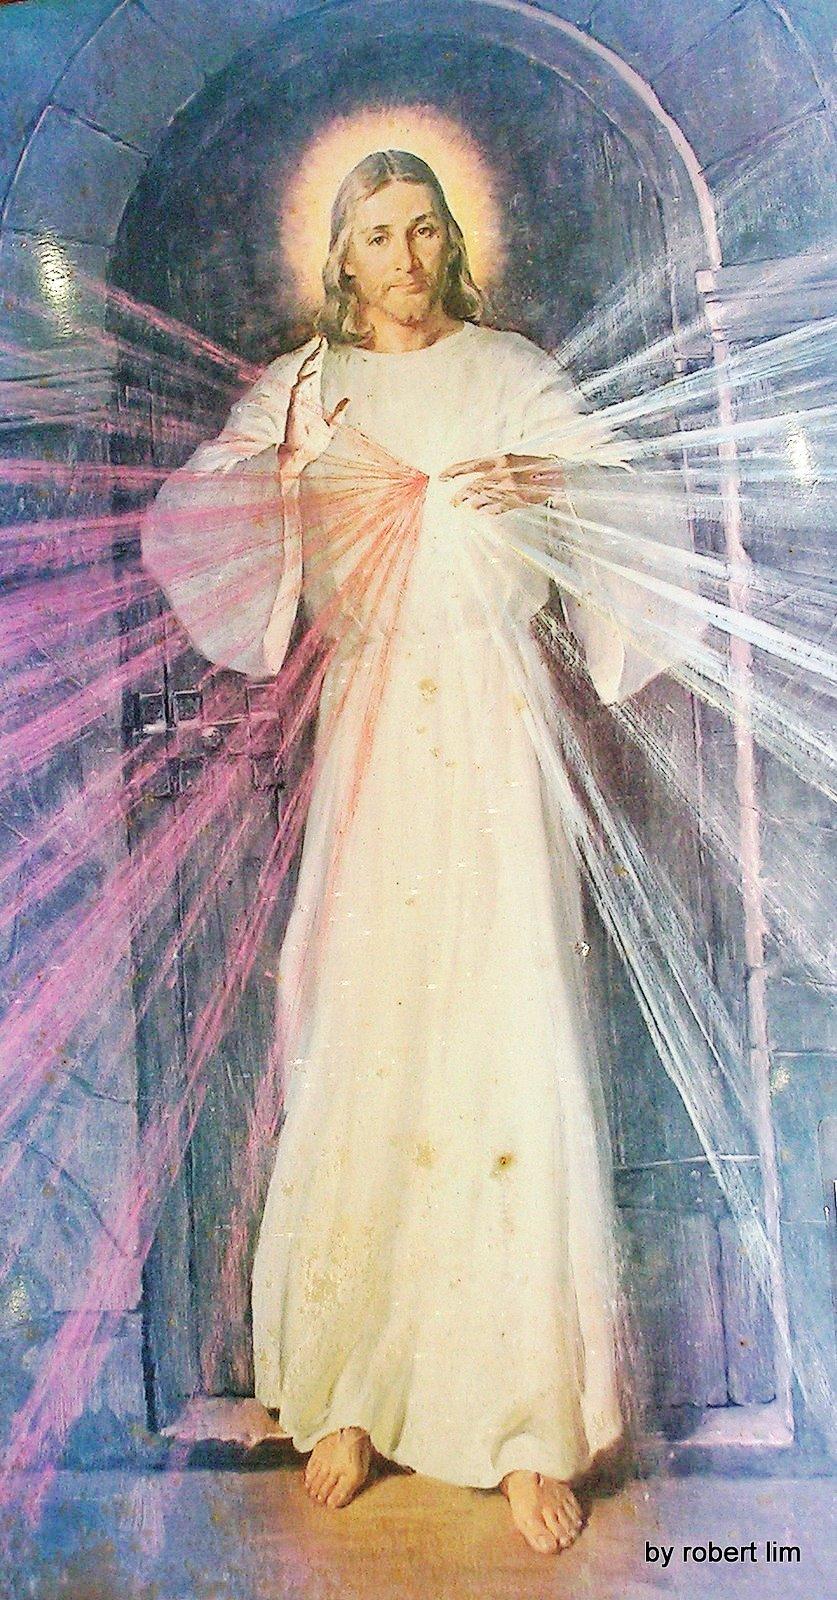 Apariciones a Stanley Villavicencio, vio a Jesús y lo describe en detalle, Filipinas (2 mar)